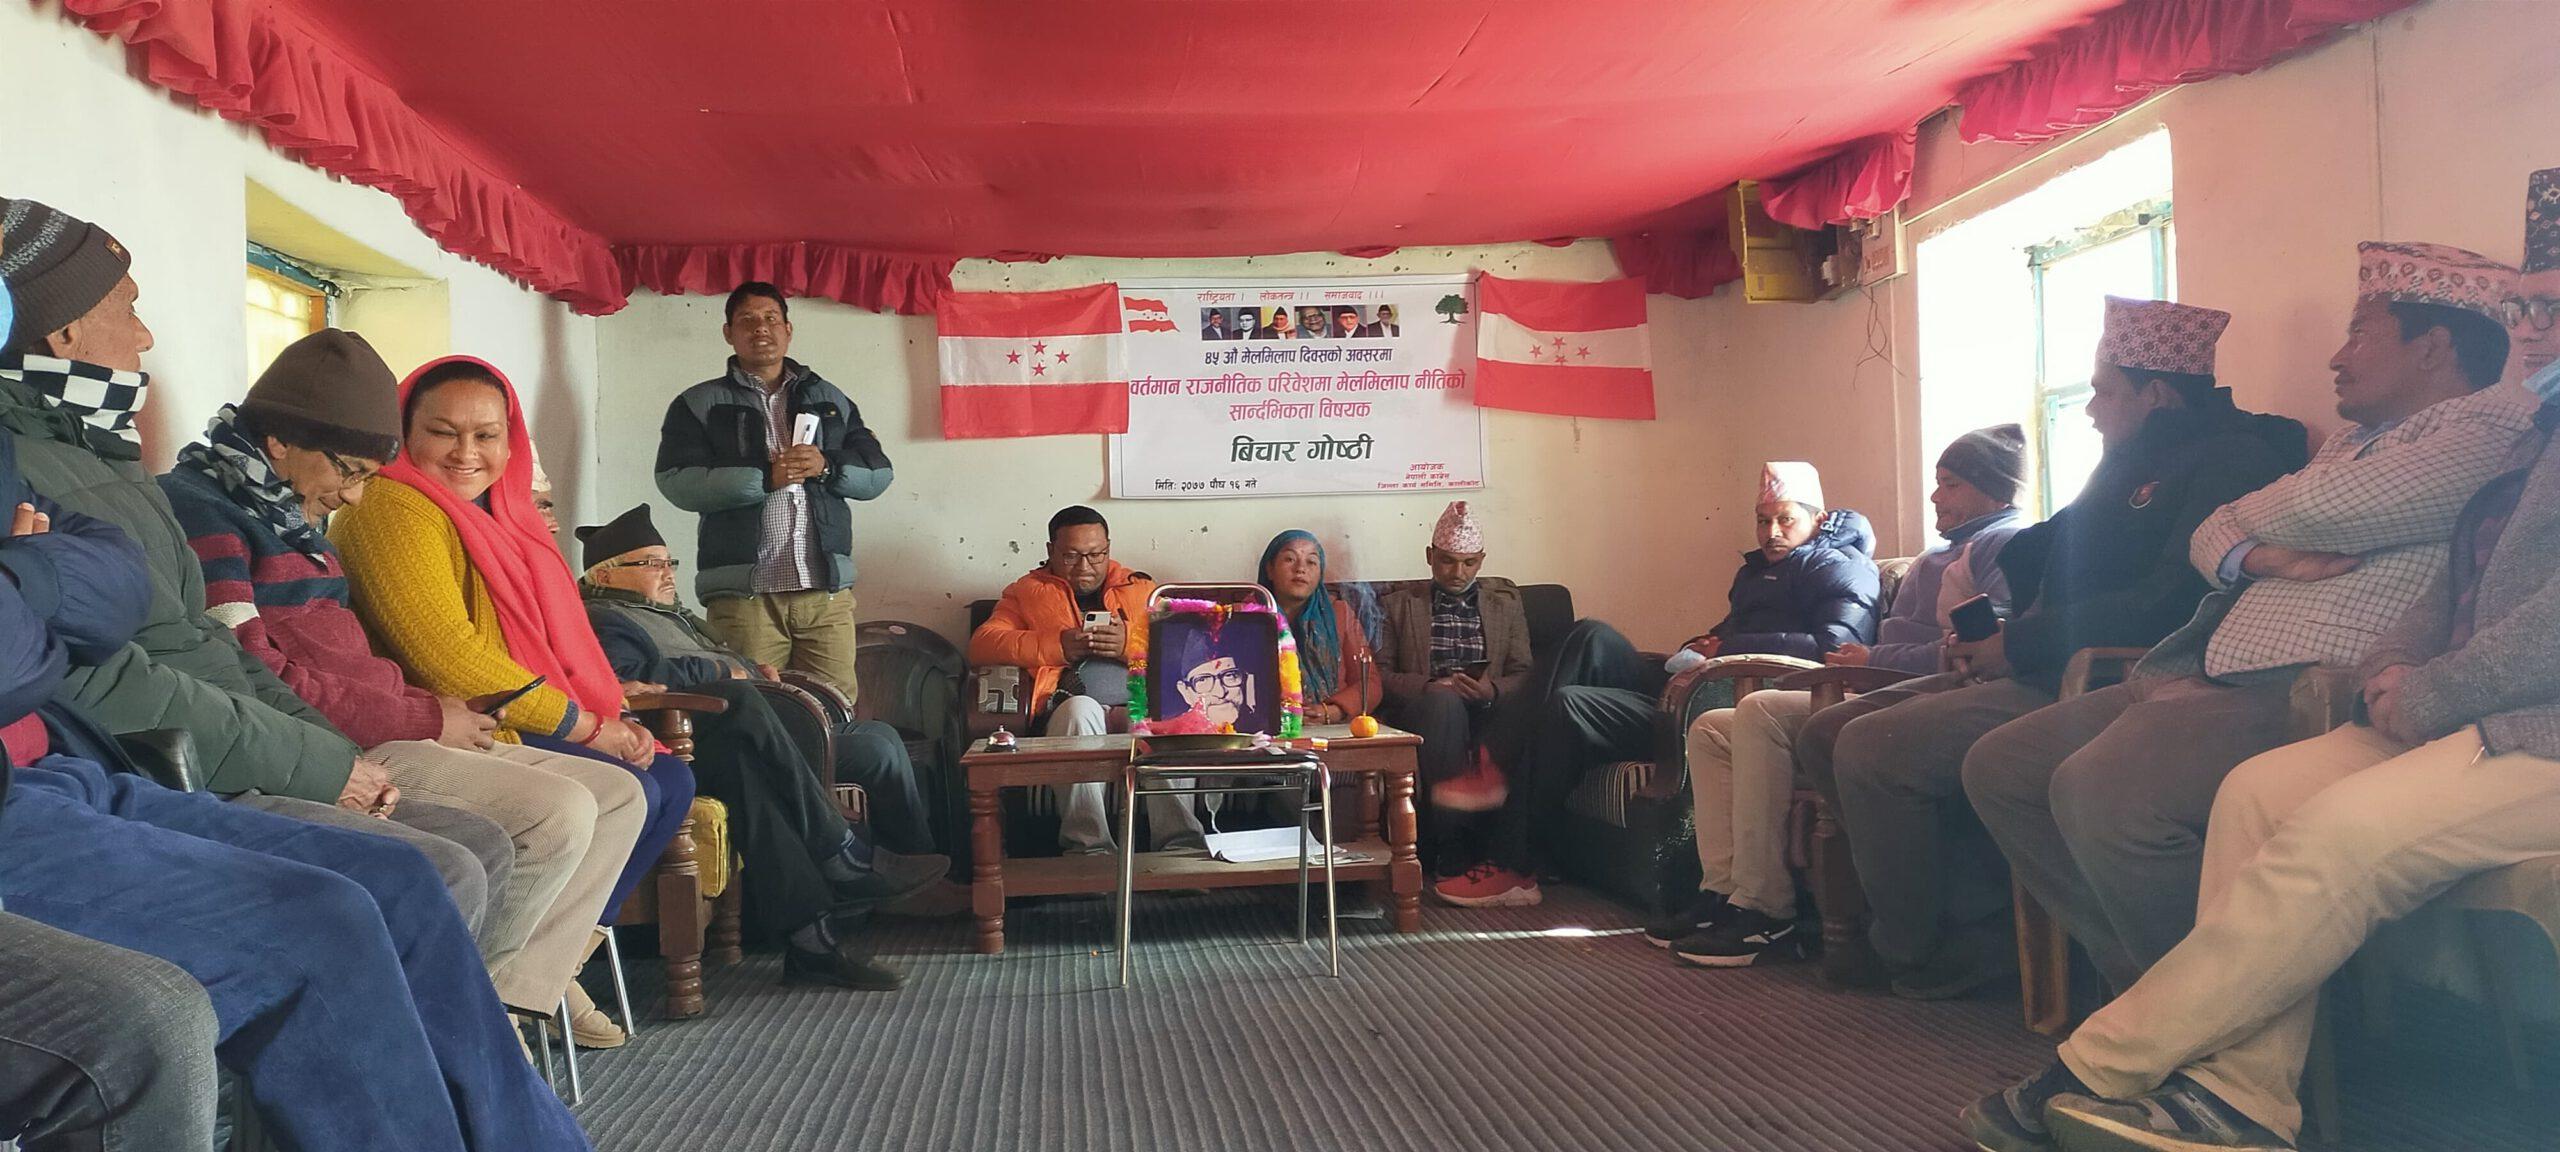 ४५ र्औ मेलमिलाप दिवस कालीकोटमा पनि मनाइयो